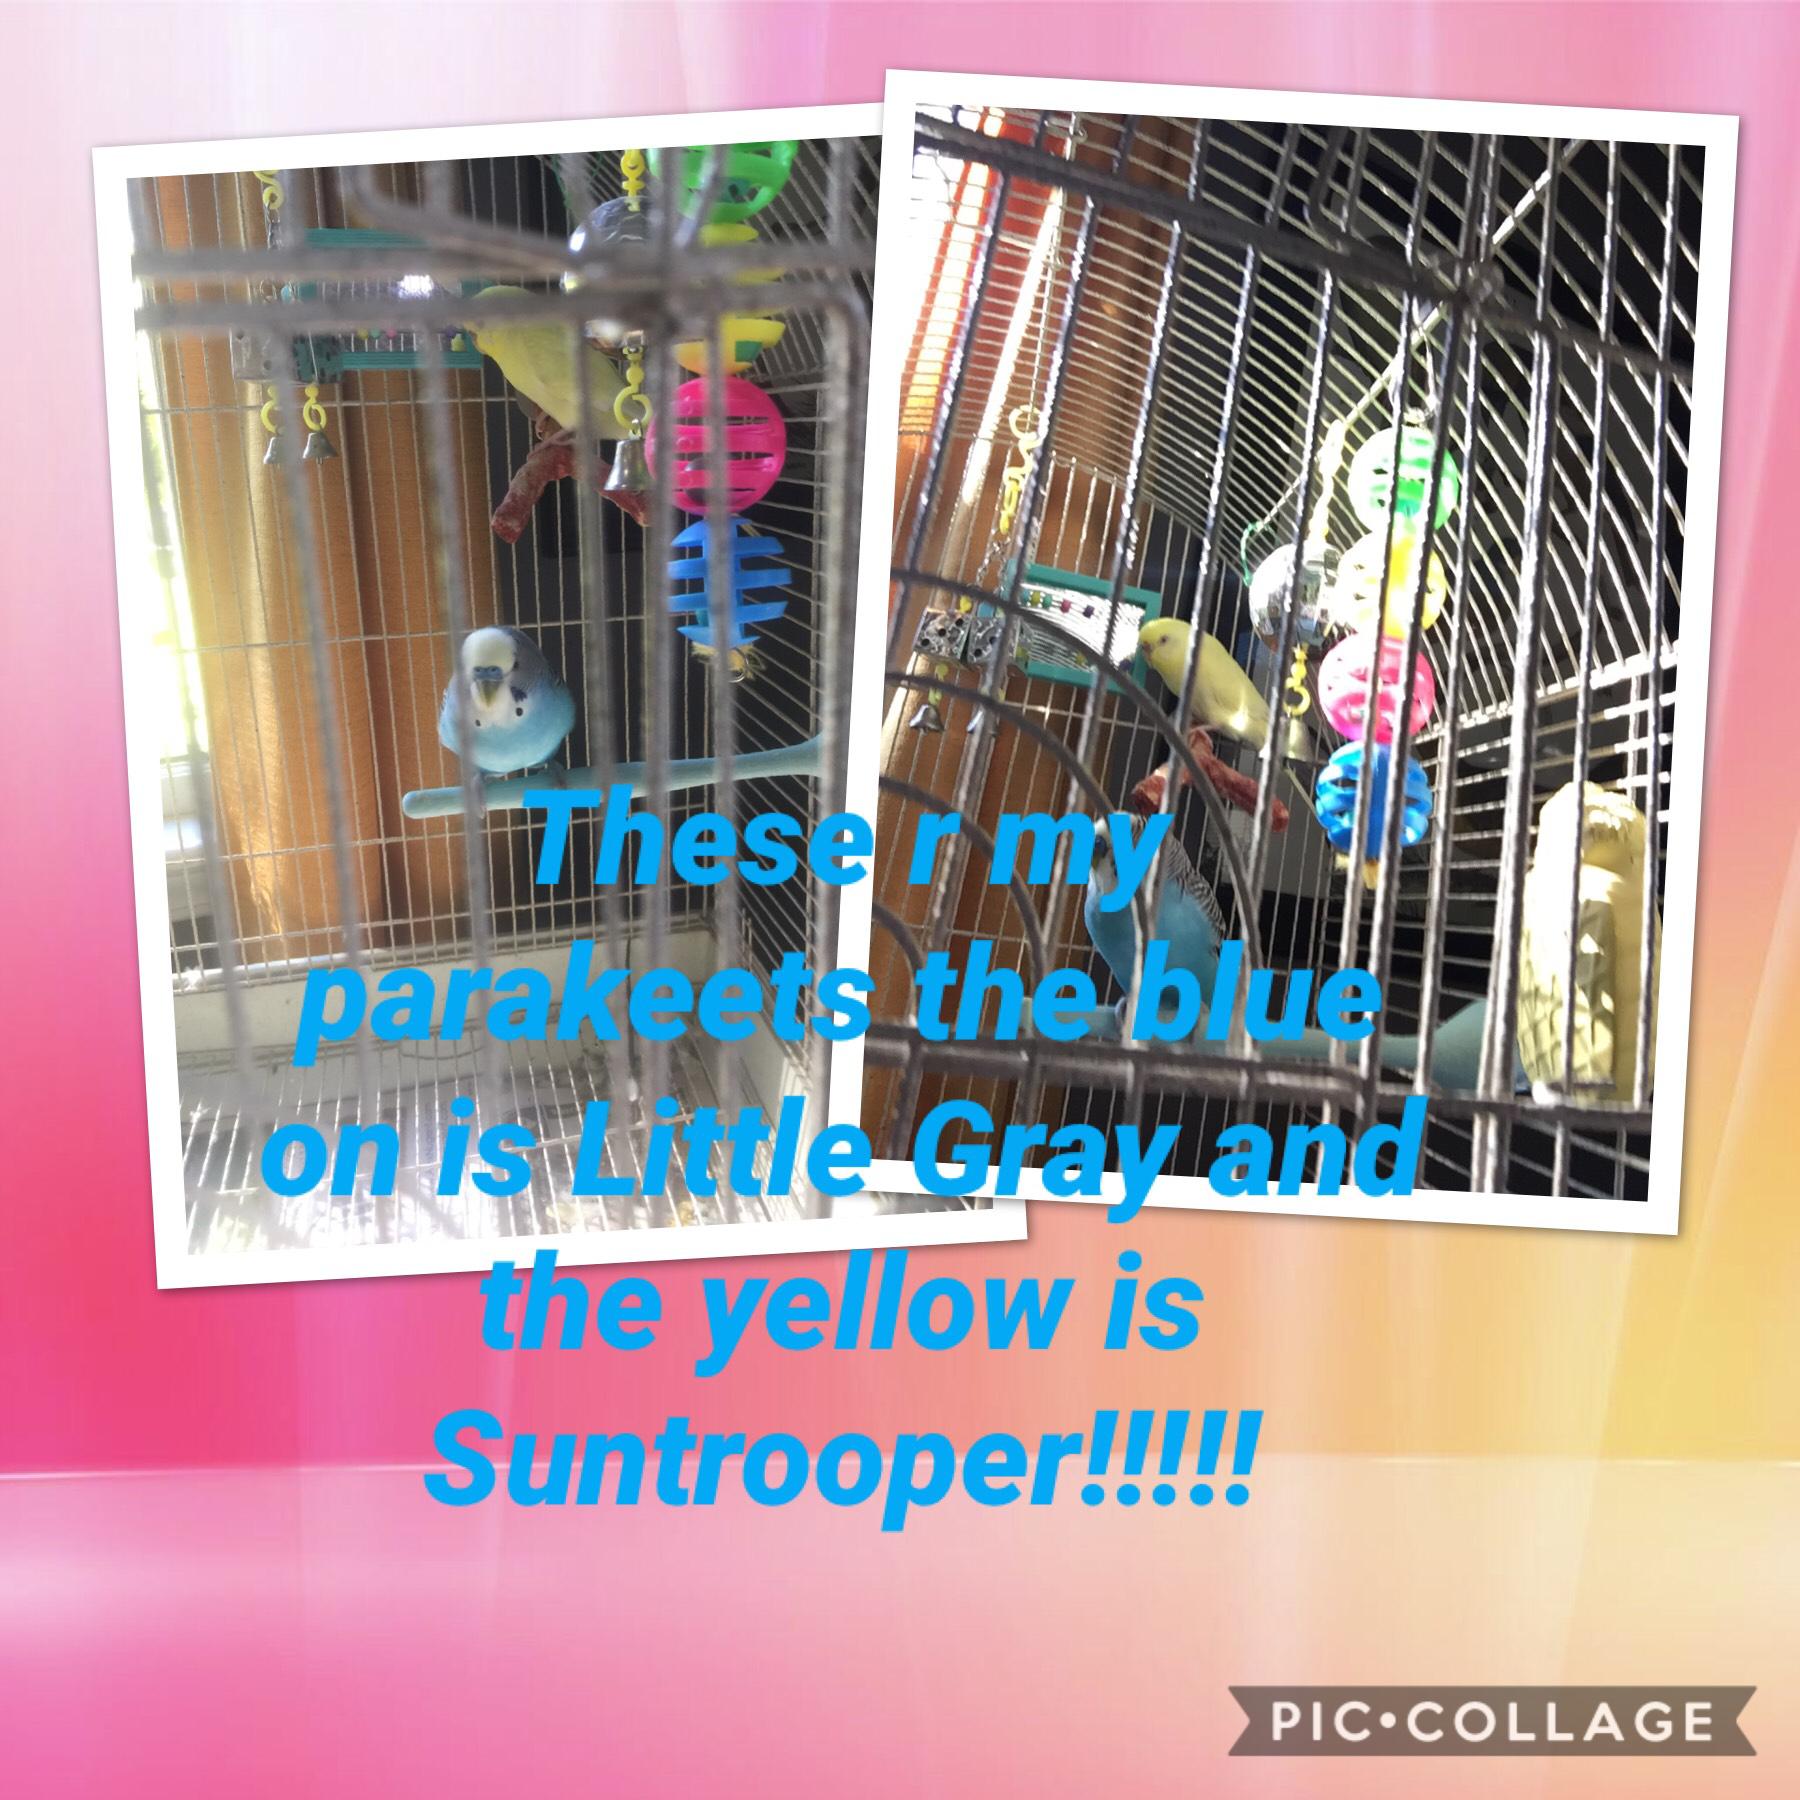 My pet parakeets